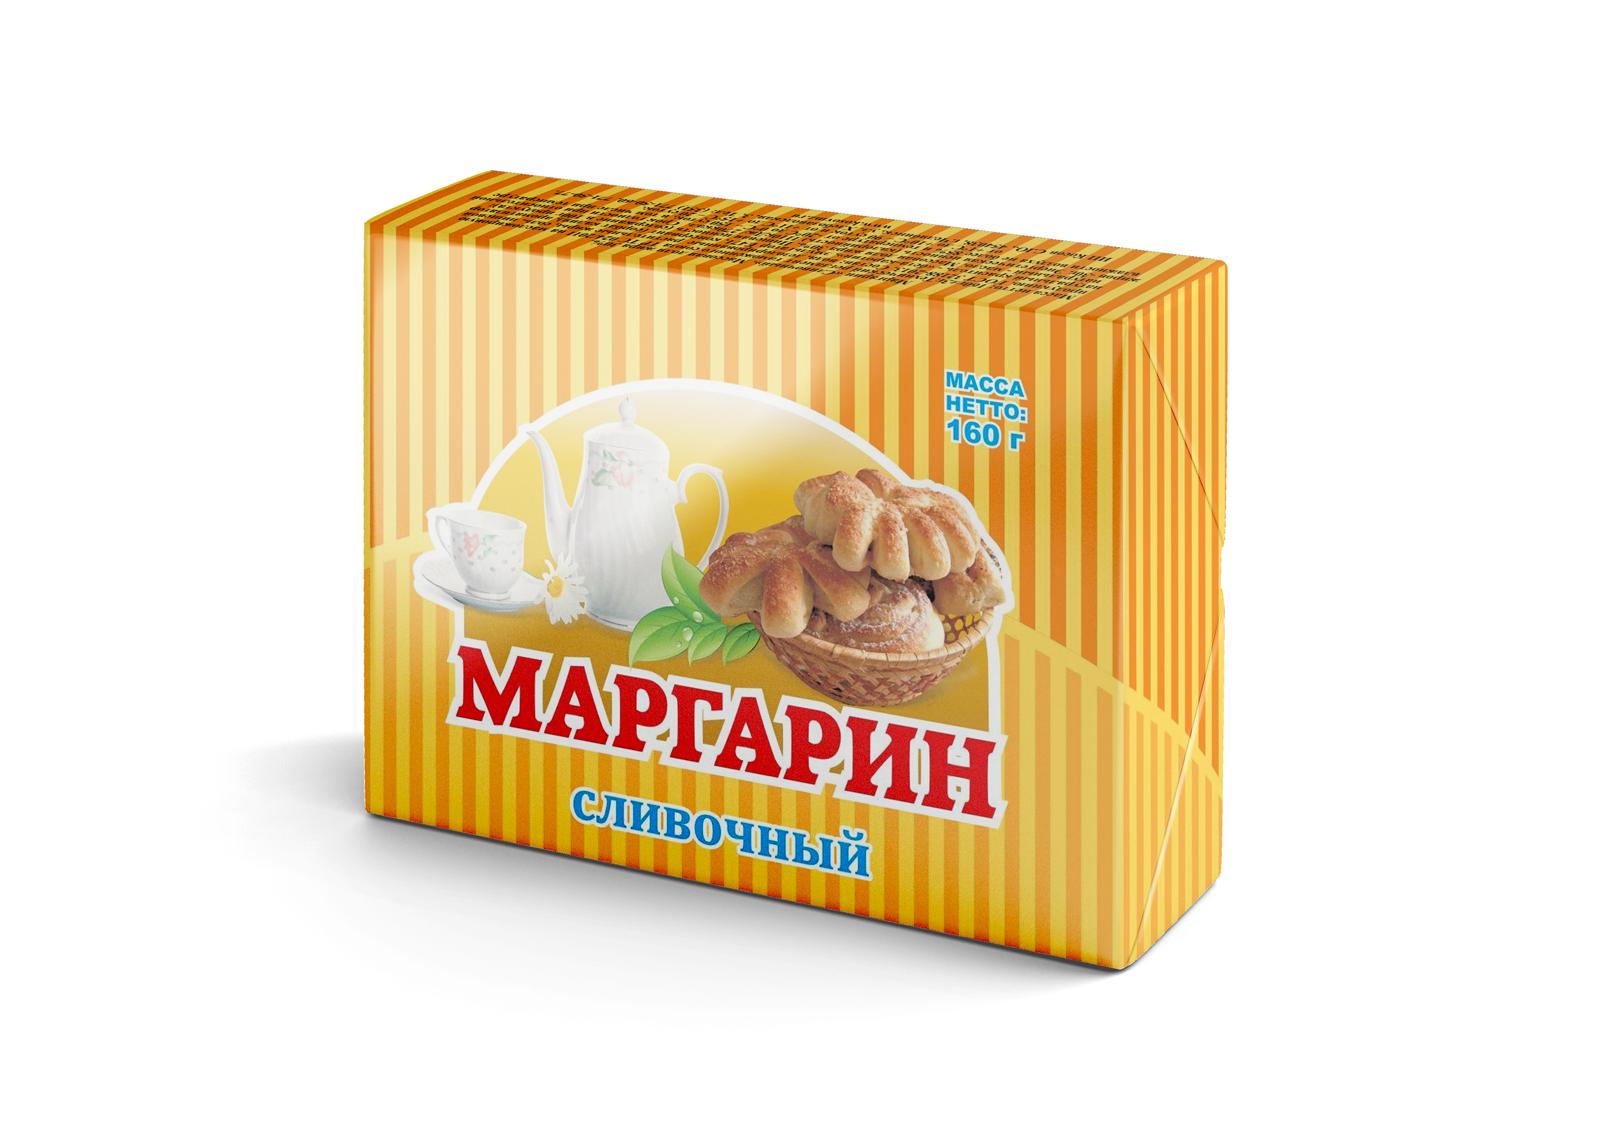 Как приготовить маргарин в домашних условиях? Домашний 51